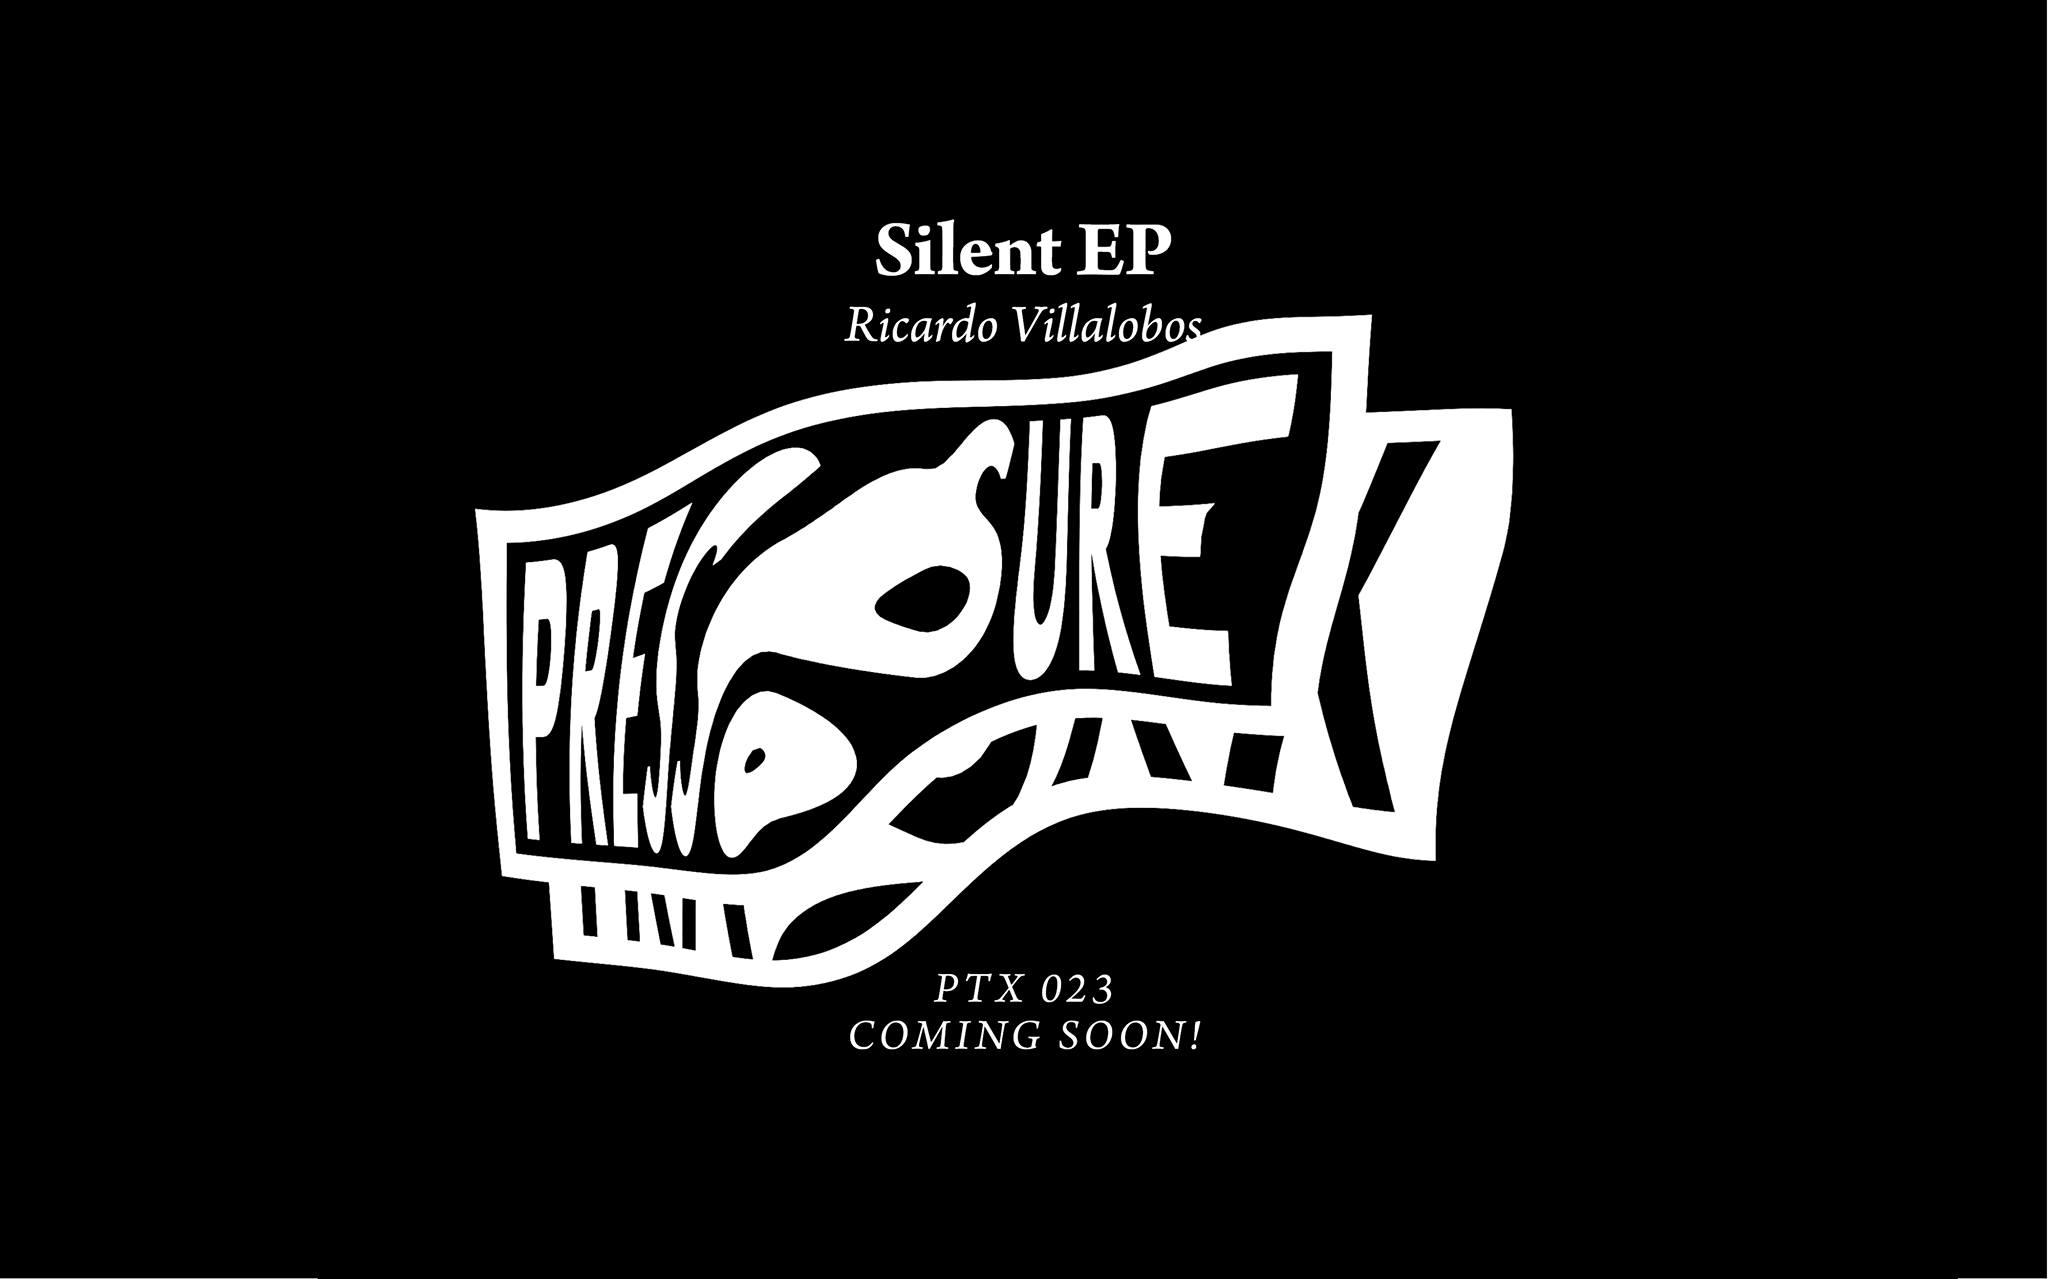 Ricardo Villalobos to release Silent EP on Pressure Traxx